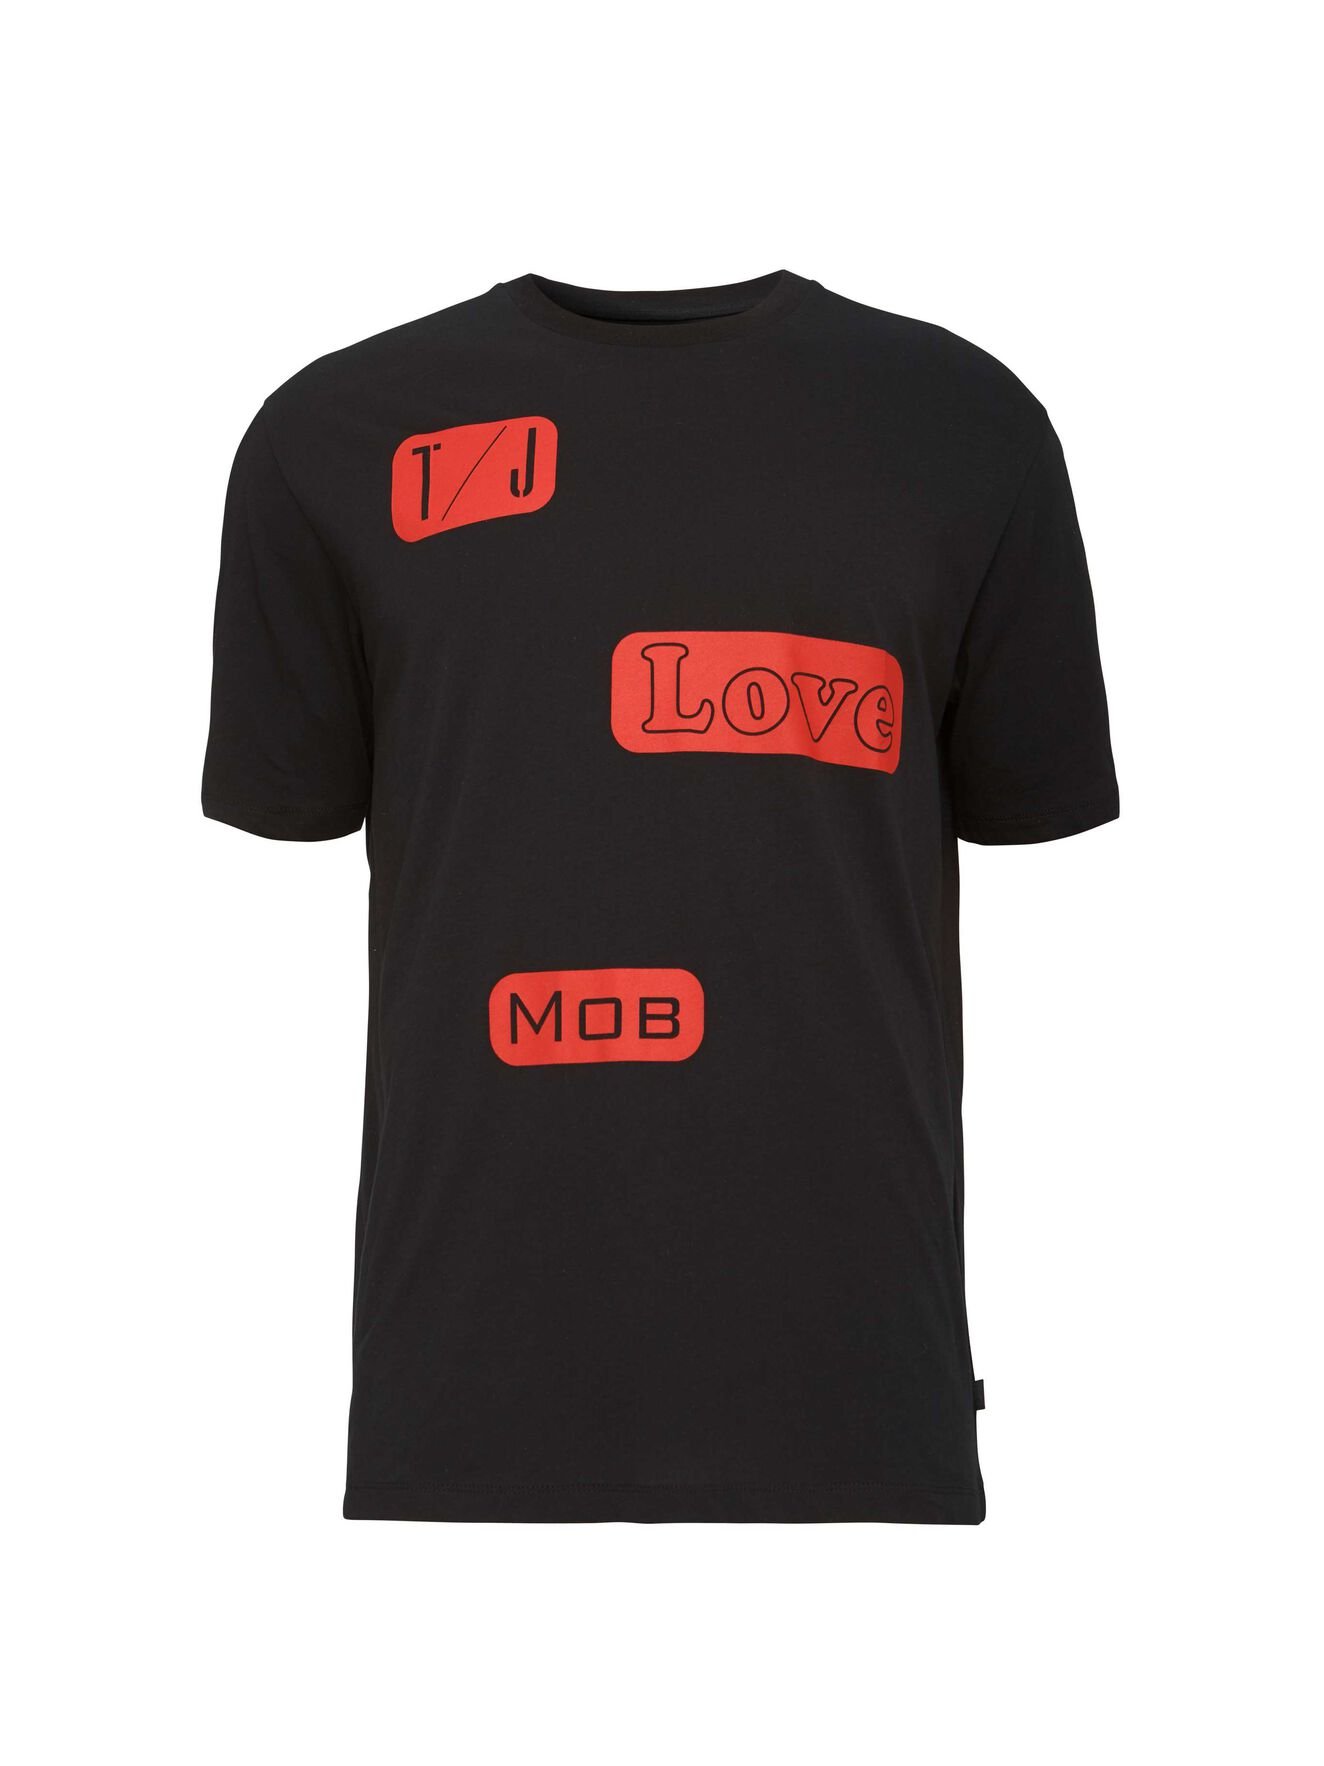 Stipe Pr T-Shirt in Black from Tiger of Sweden